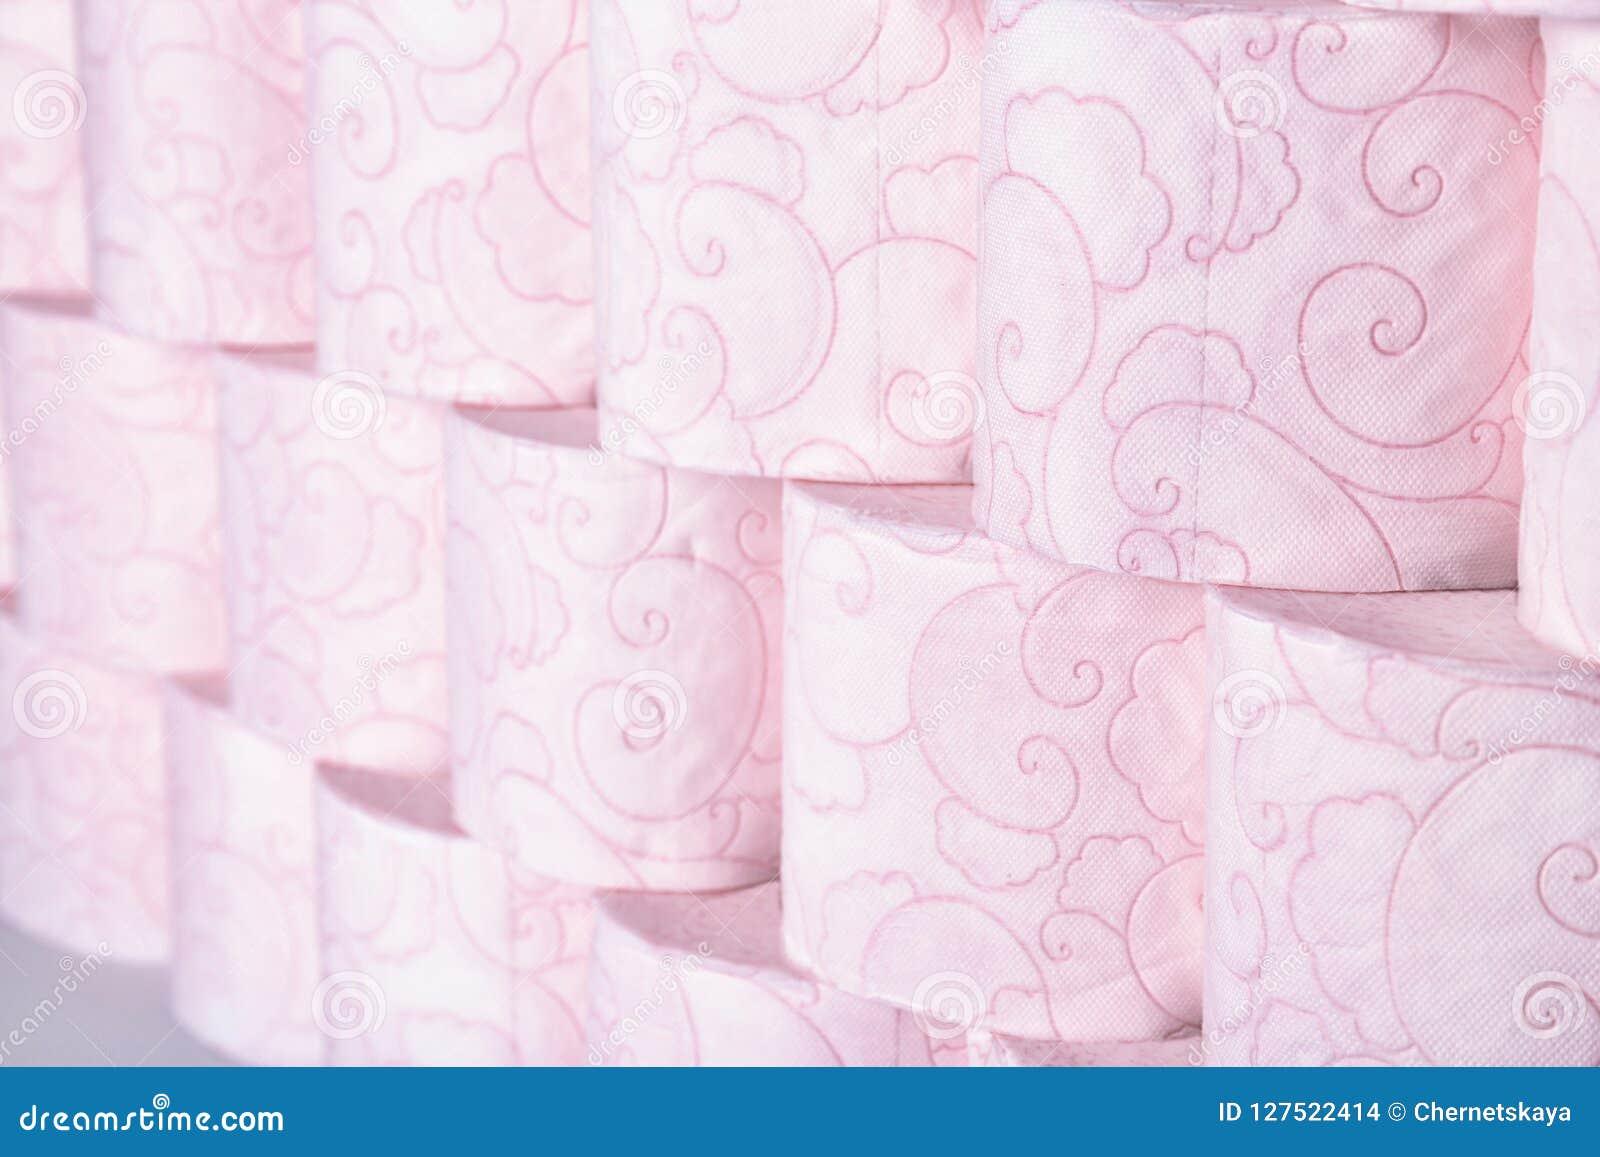 Viele Rollen des Toilettenpapiers als Hintergrund